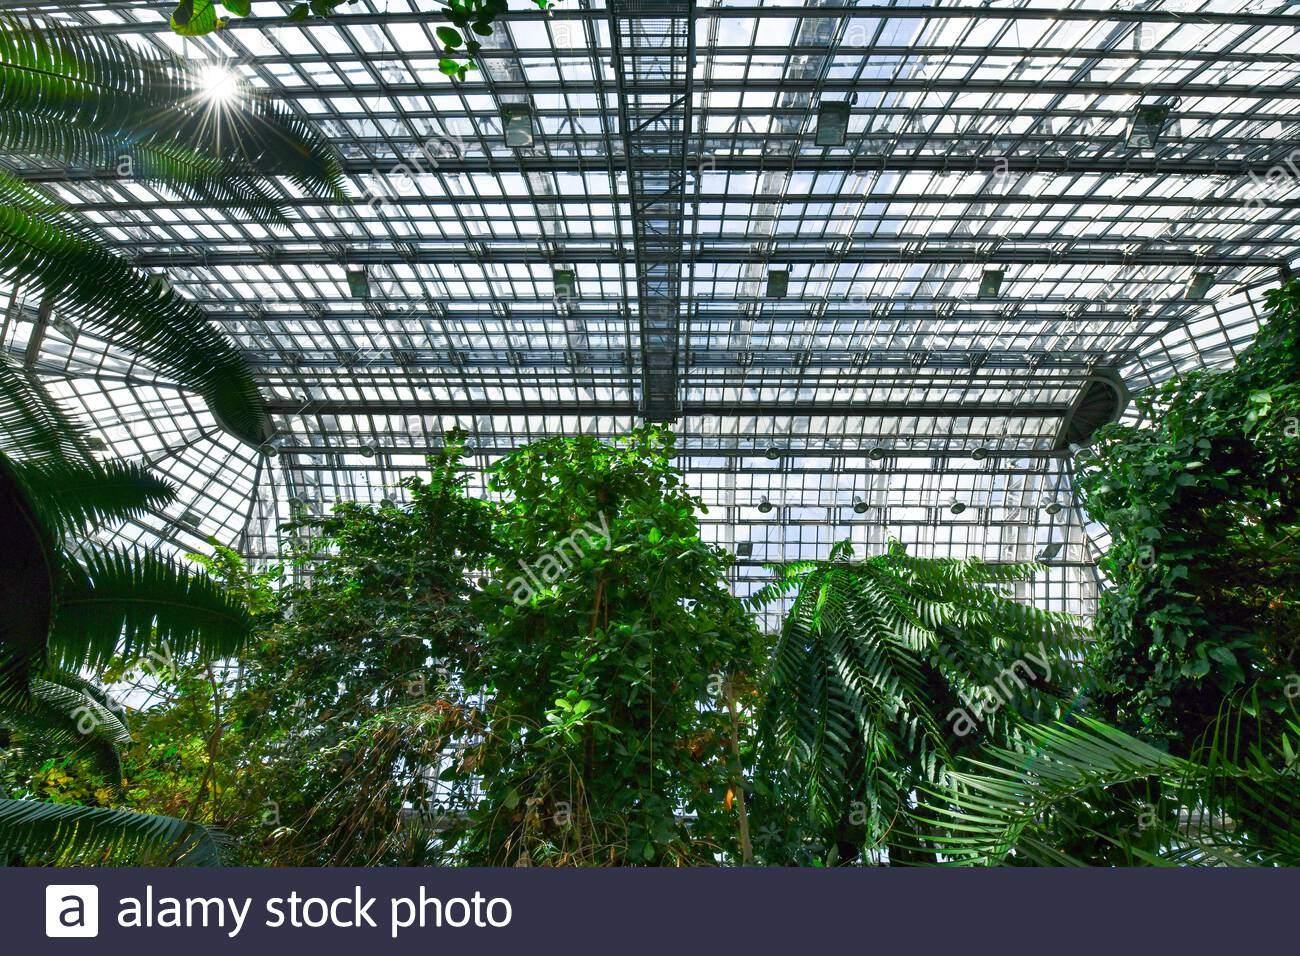 groes tropenhaus botanischer garten knigin luise strae lichterfelde steglitz zehlendorf berlin deutschland 2ADCP64